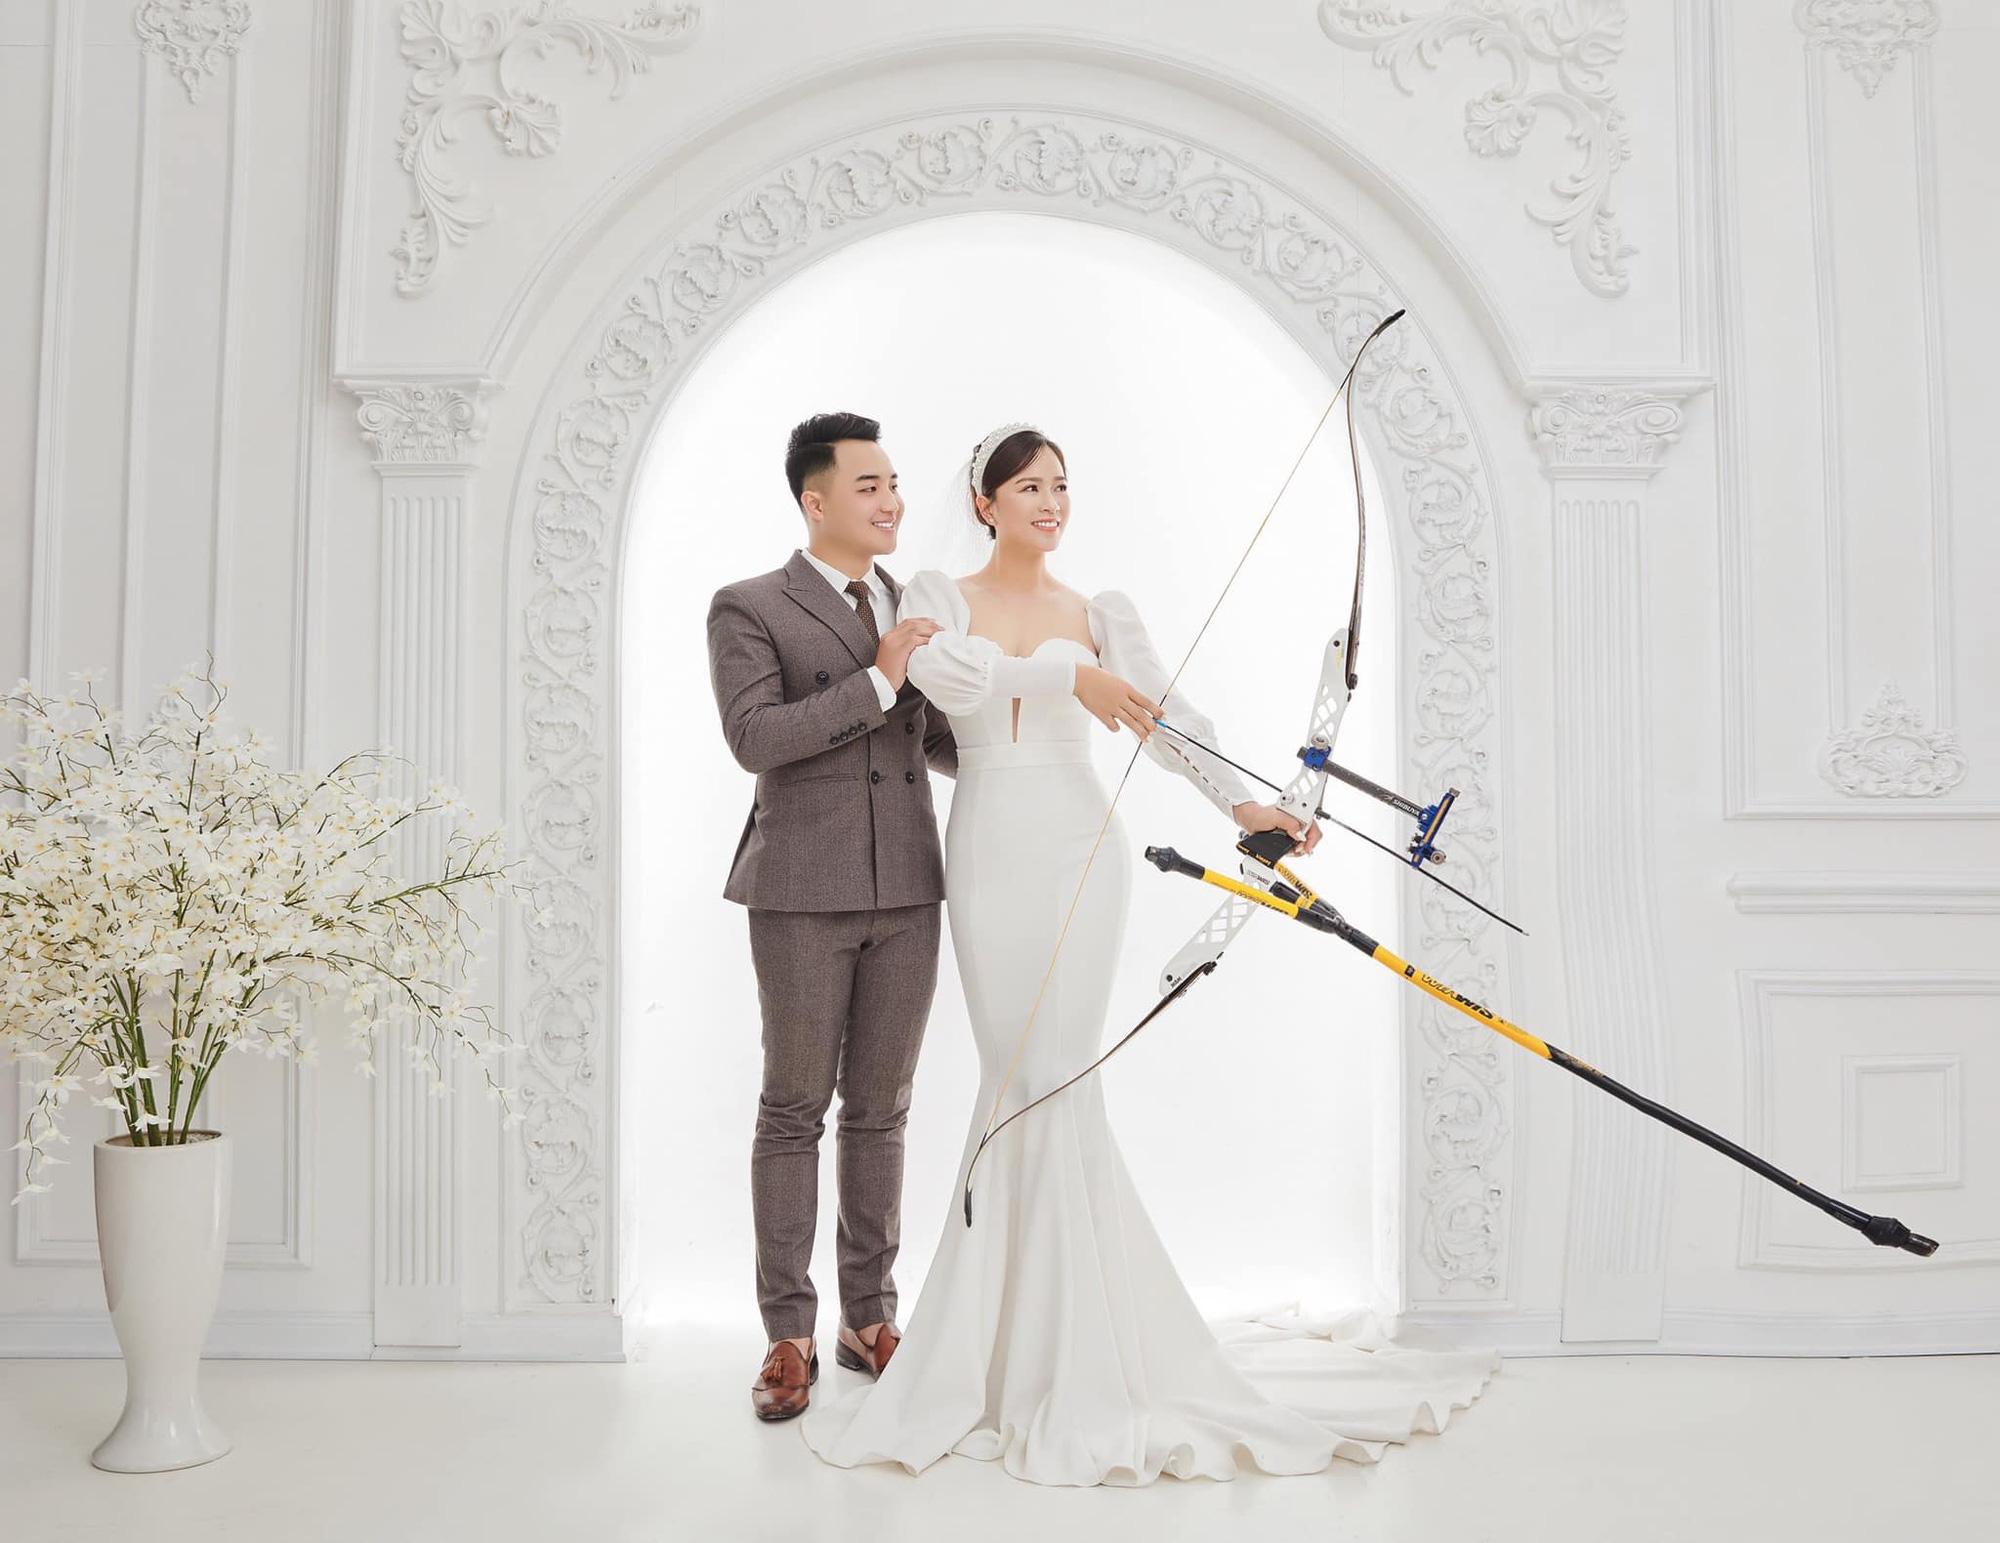 Chồng sắp cưới của Lộc Thị Đào là người rất tâm lý, luôn đồng hành cùng nữ cung thủ trên hành trình theo đuổi niềm đam mê.